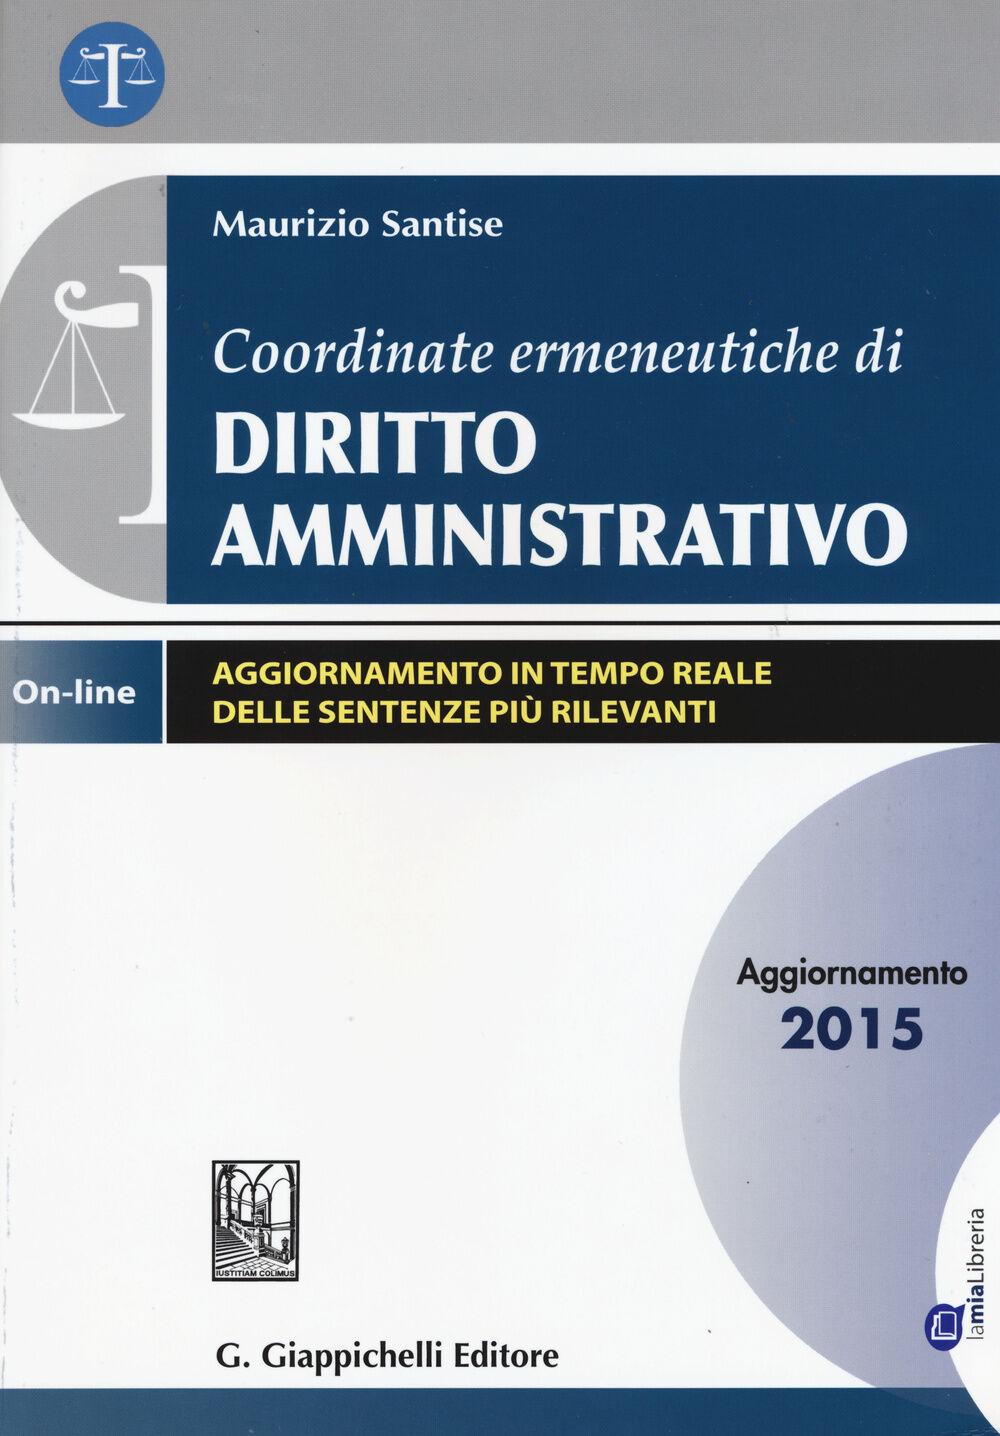 Coordinate ermeneutiche di diritto amministrativo. Aggiornamento 2015. Con aggiornamento online